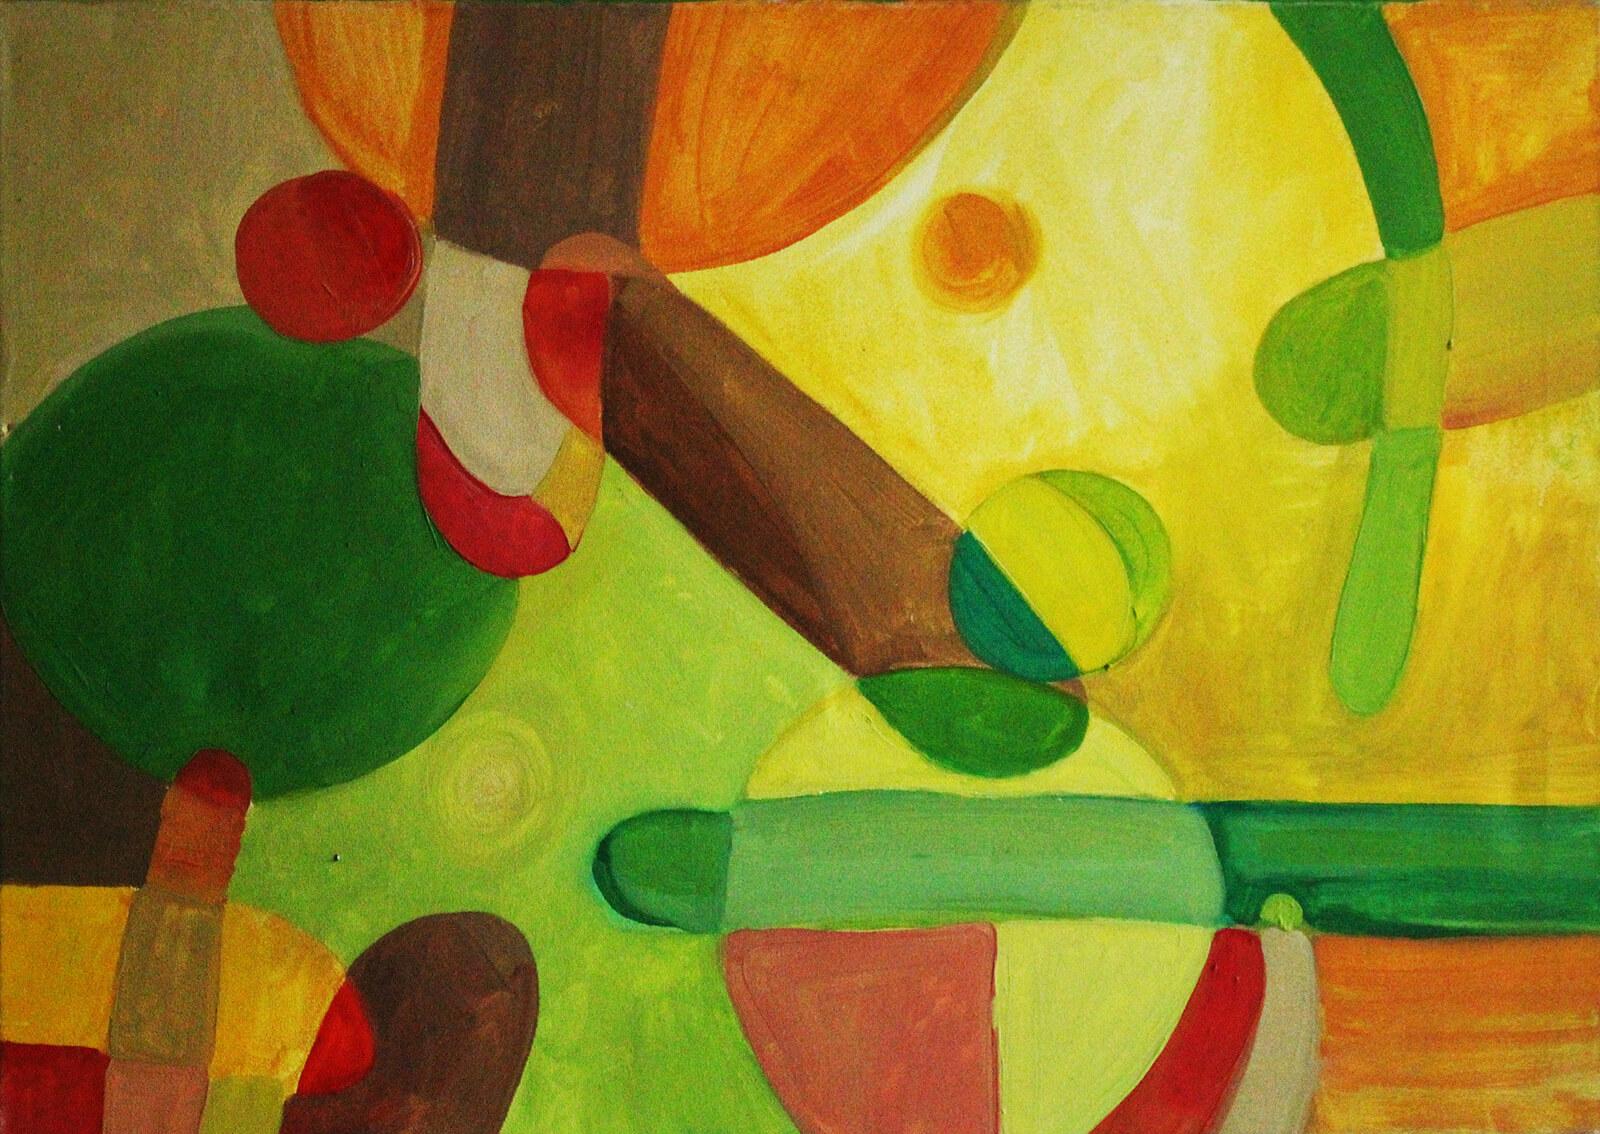 żółto-zielony obraz do salonu